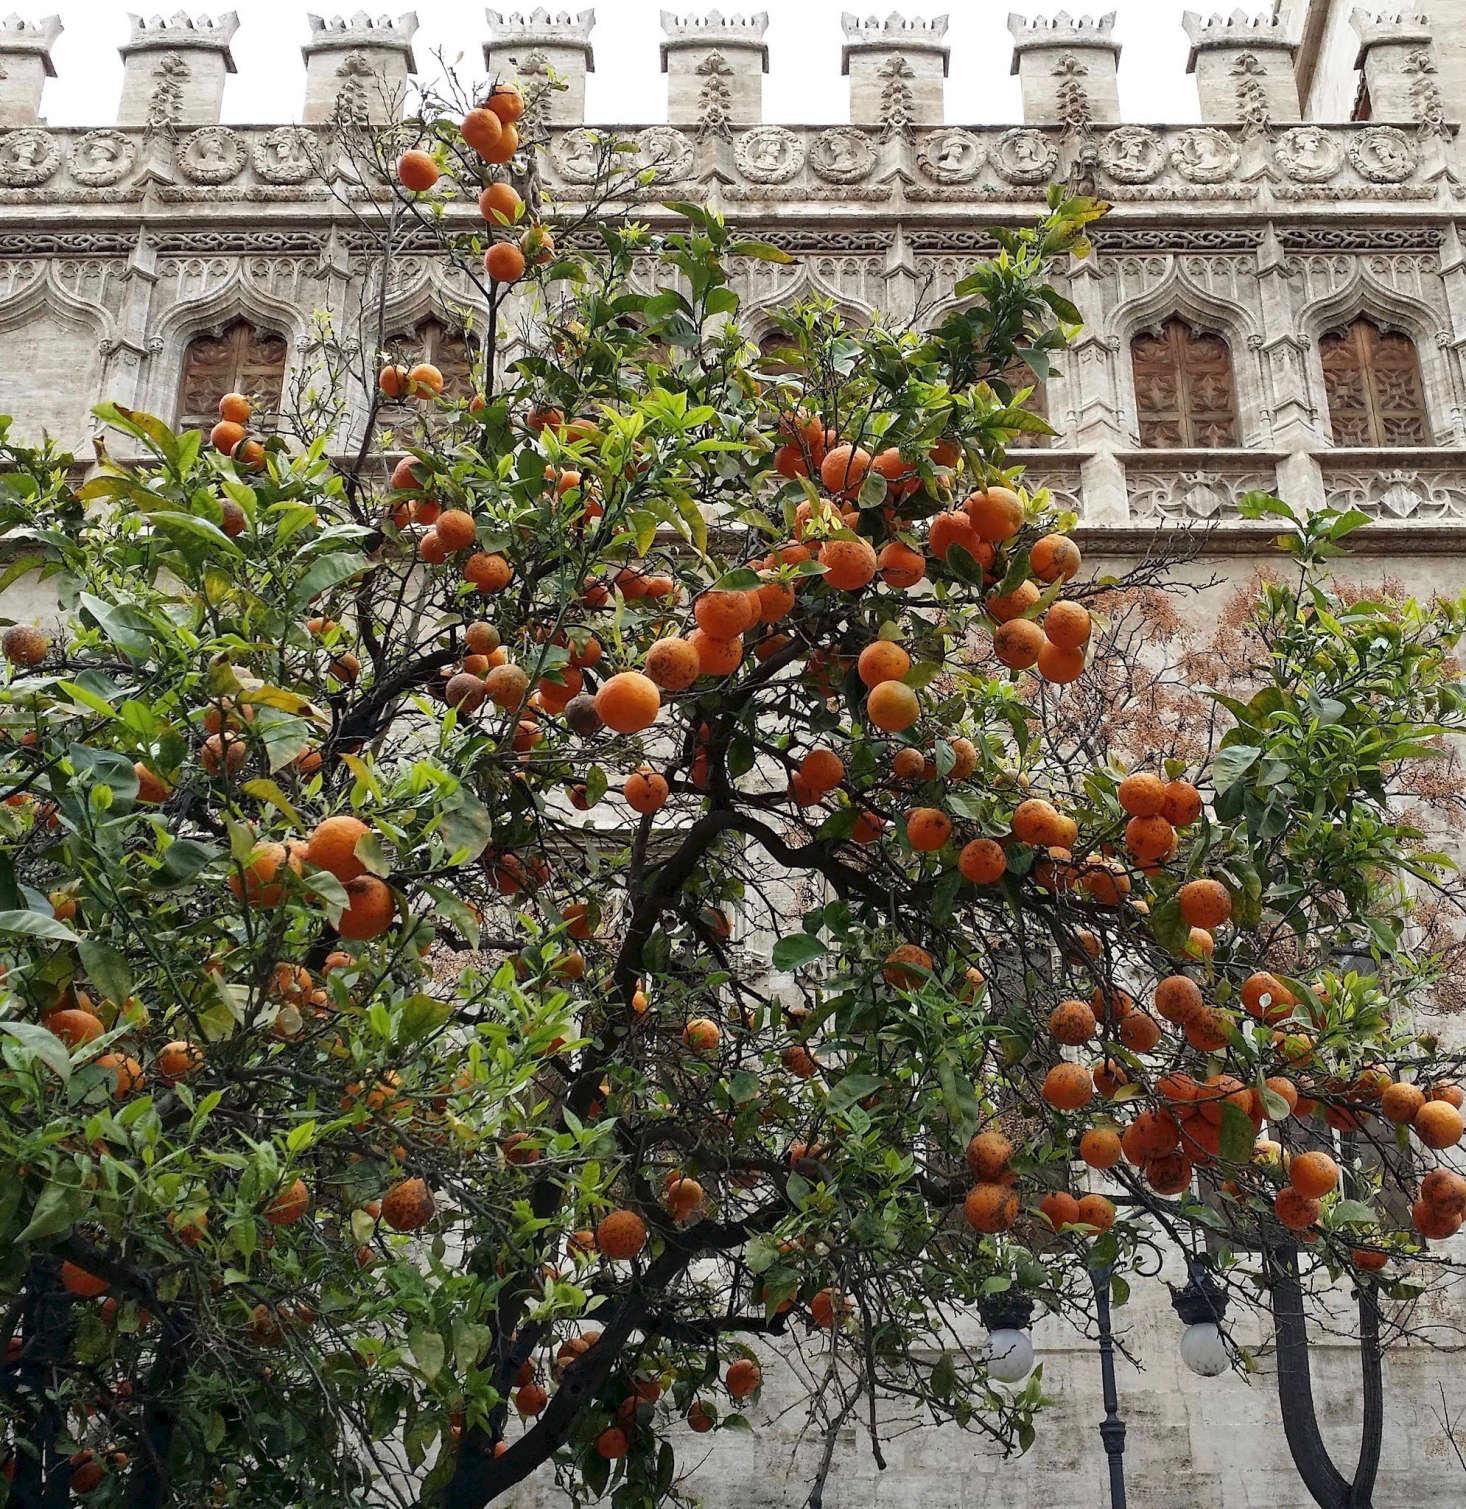 温暖的温暖温暖的地中海环境温暖。在印度,印度,亚马逊的水果,但不会买水果蛋糕!更好的种植种植更多的土壤。布莱恩·亚历山大·亚历山大的照片。